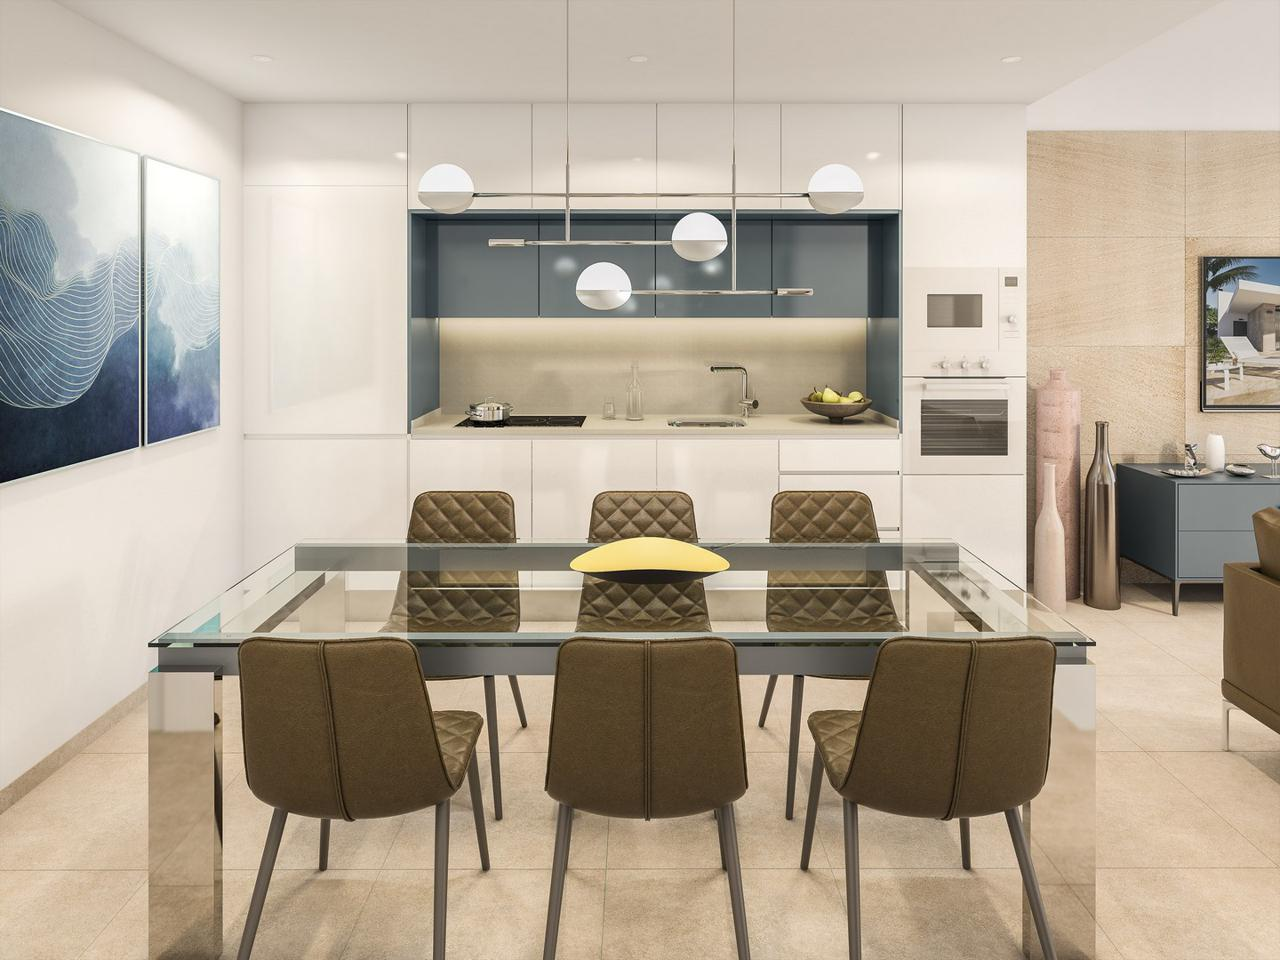 Villas pareadas de obra nueva con piscina opcional - imagenInmueble1